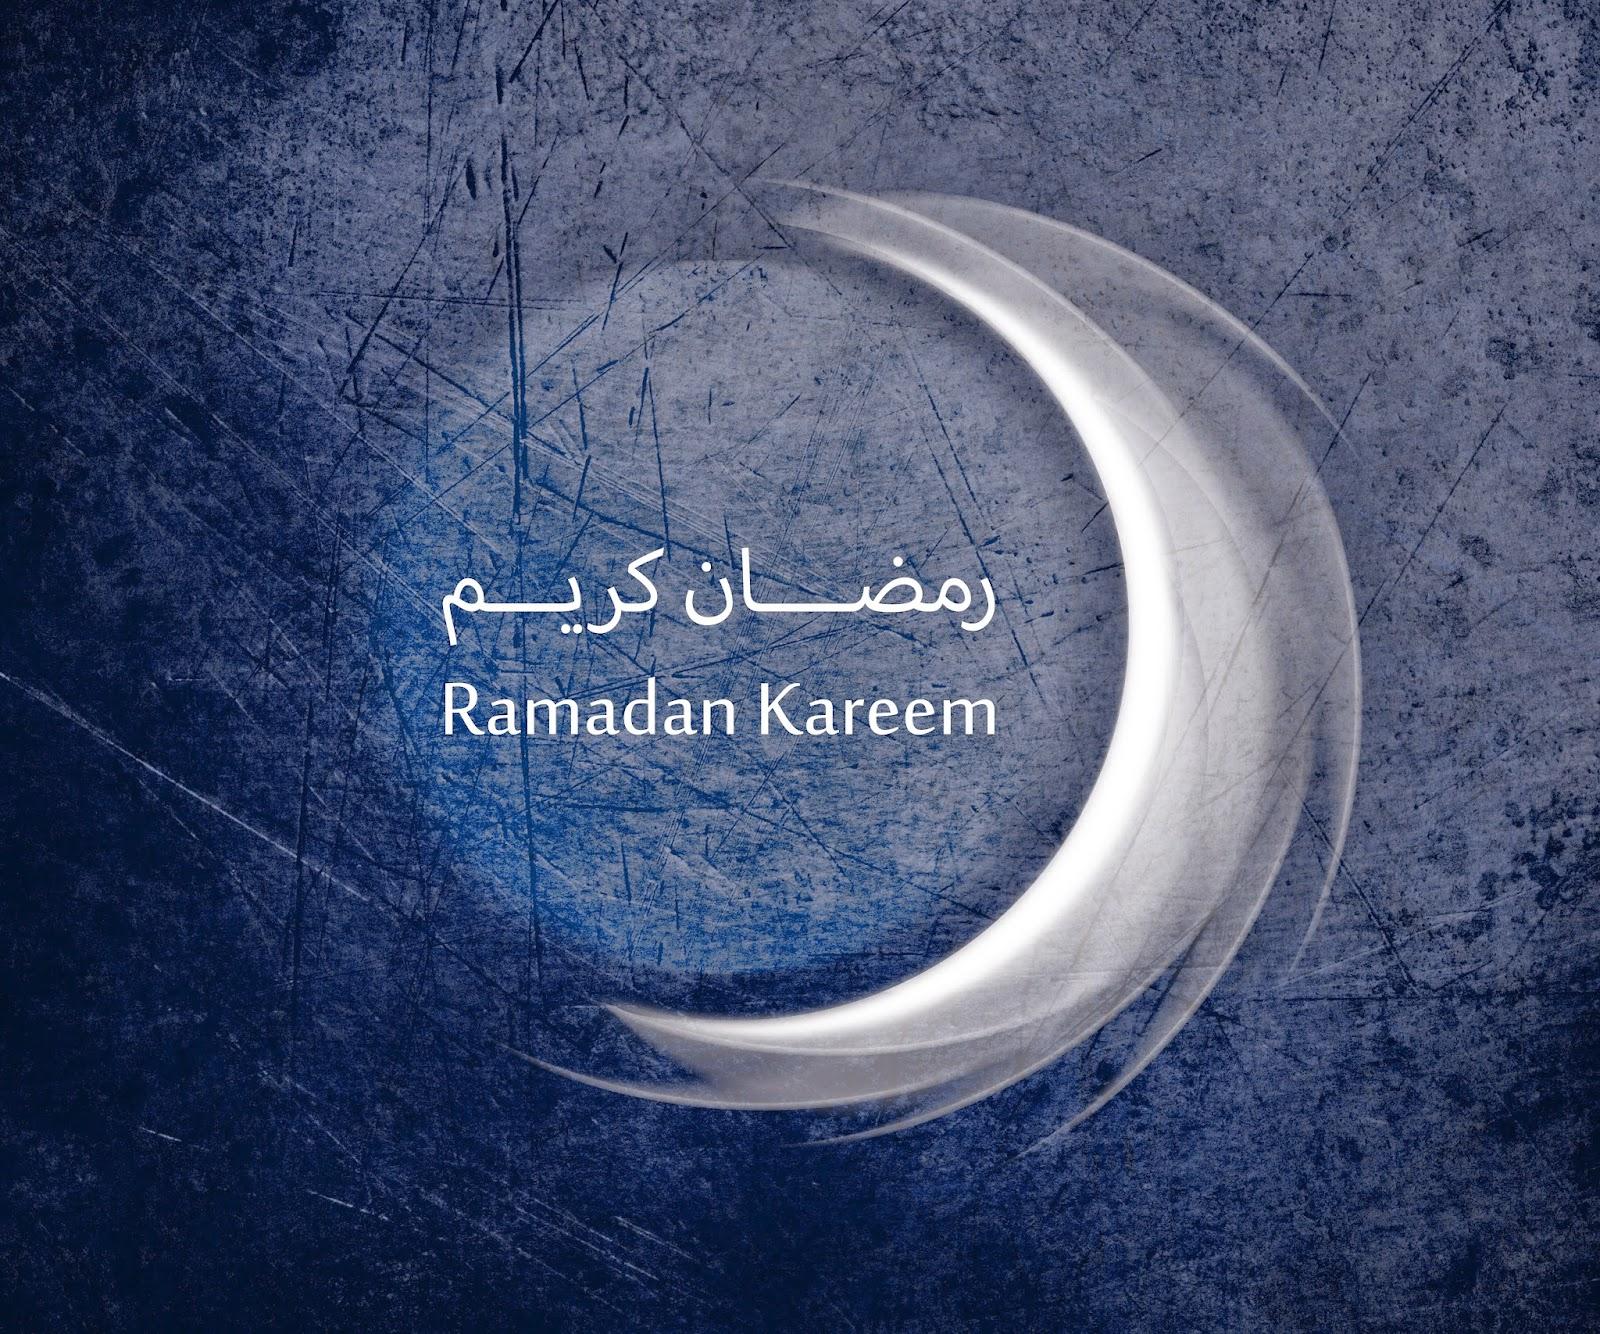 ramadan kareem cover photos